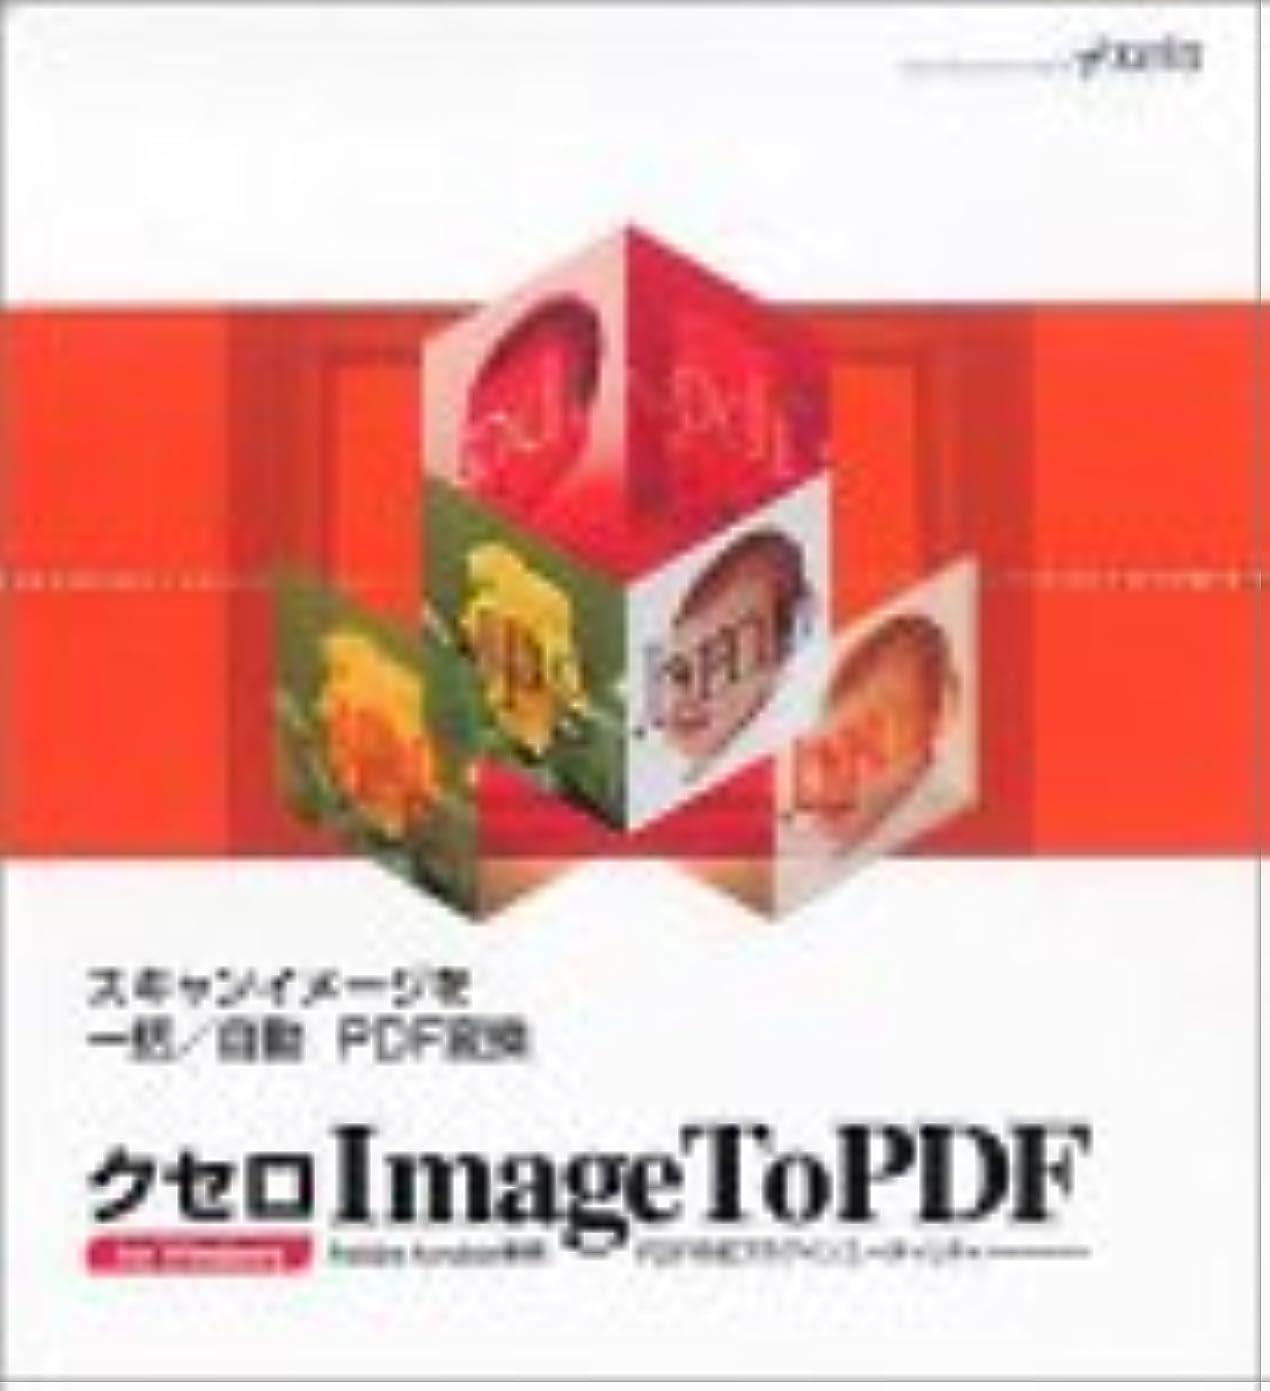 軽量満足復活クセロ Image To PDF